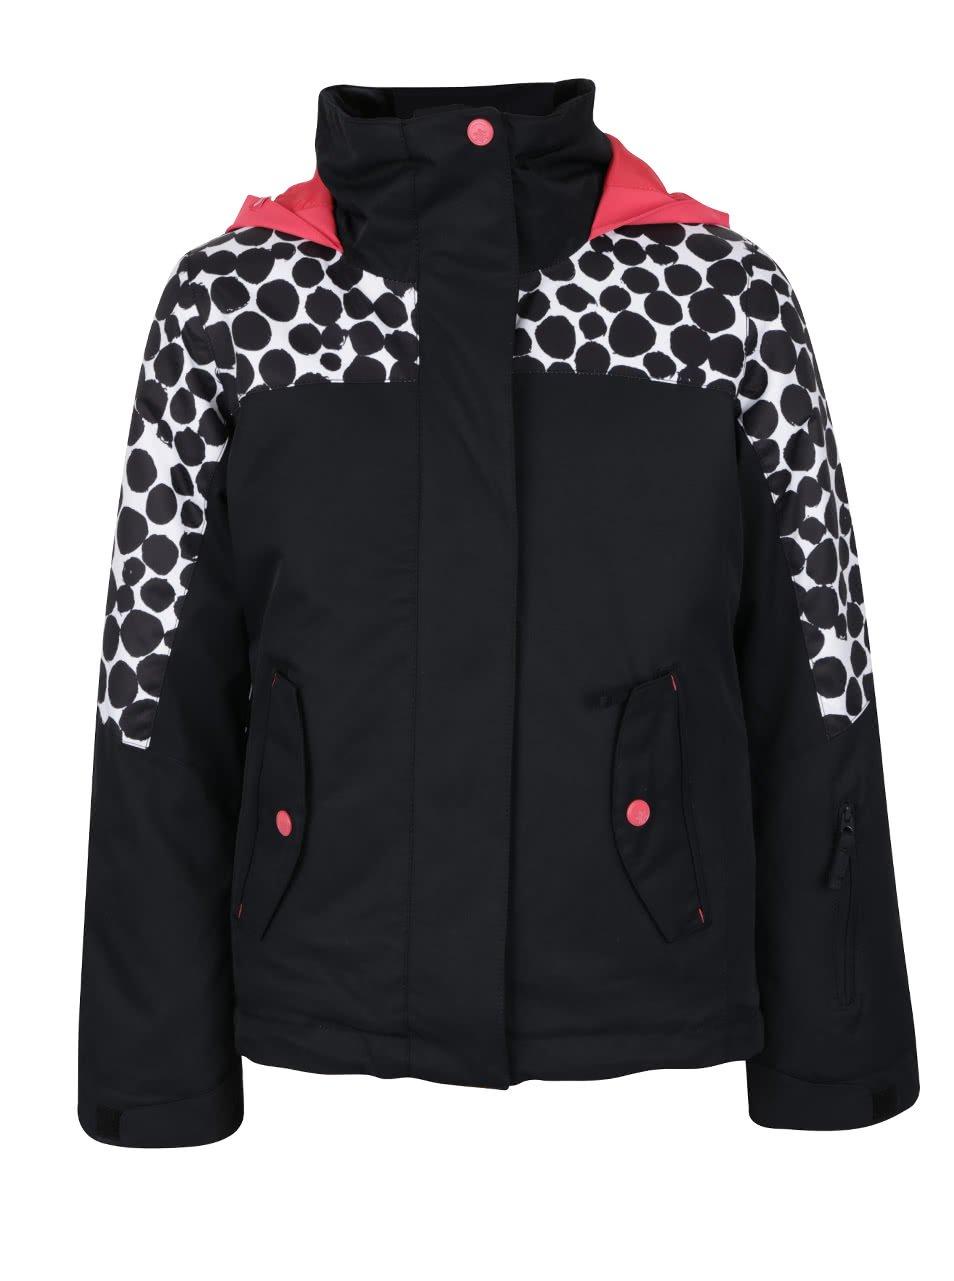 Černá holčičí zimní bunda s puntíky na ramenech Roxy